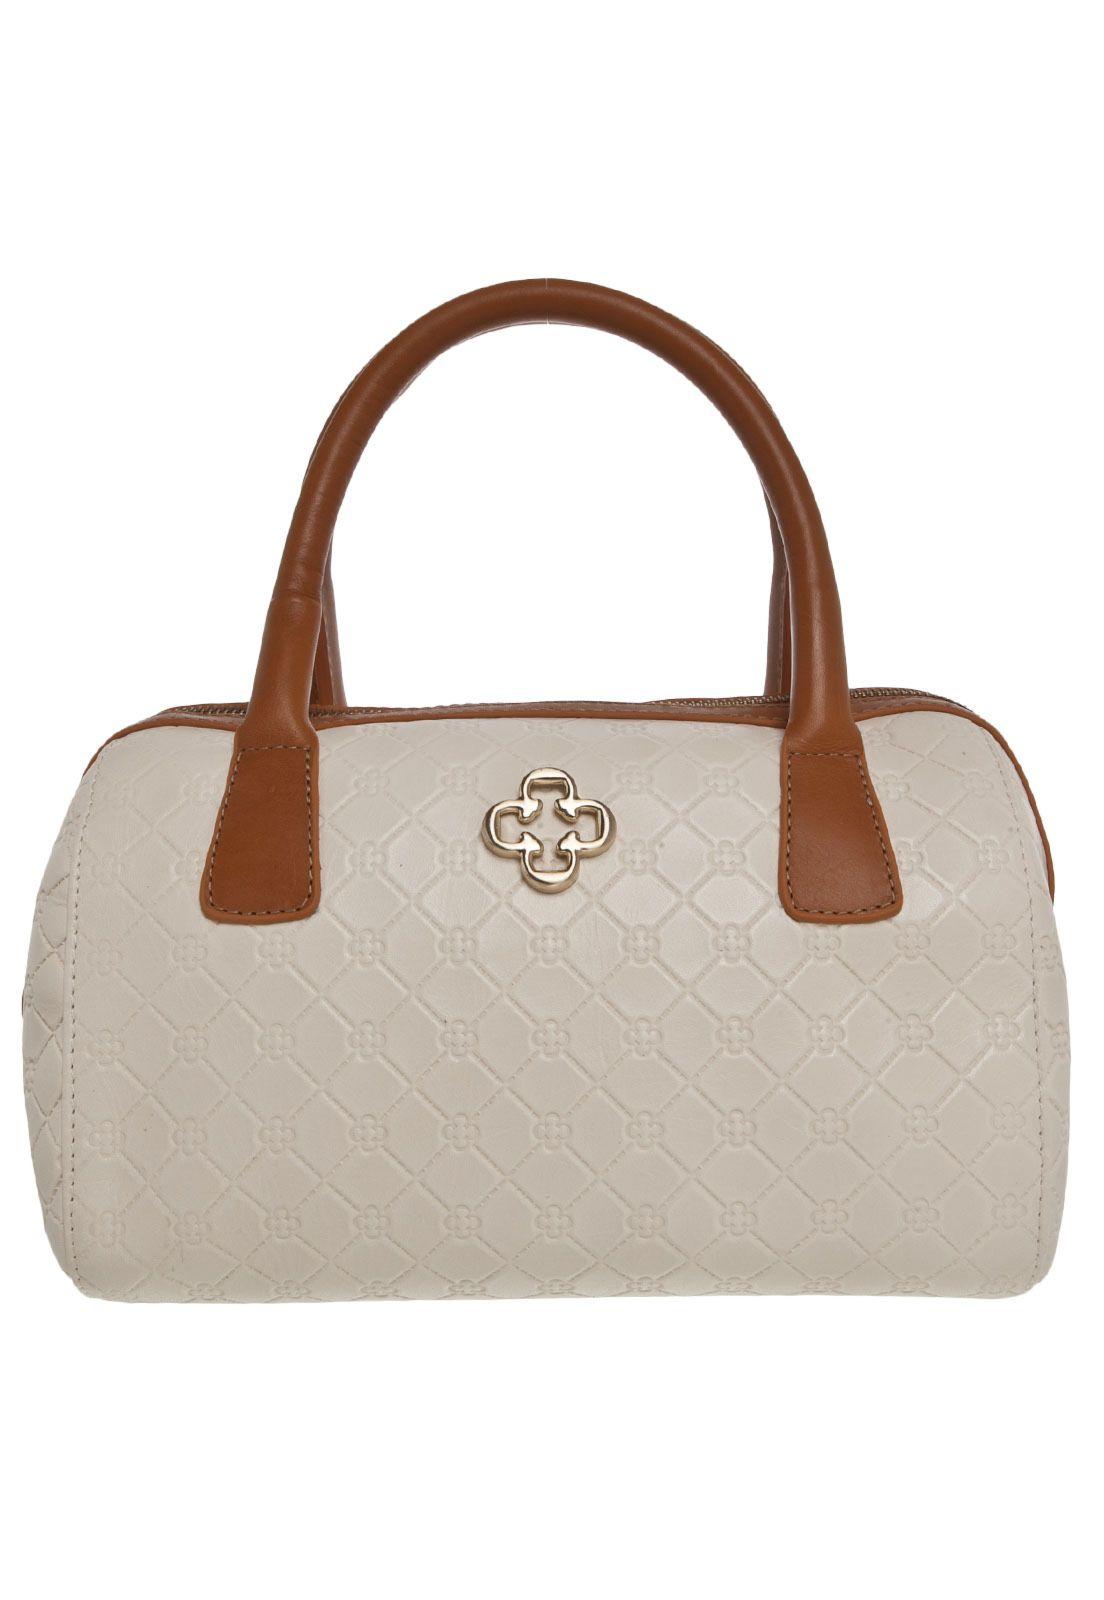 981db3430 Bolsa Capodarte Mini Branca - Compre Agora   Dafiti